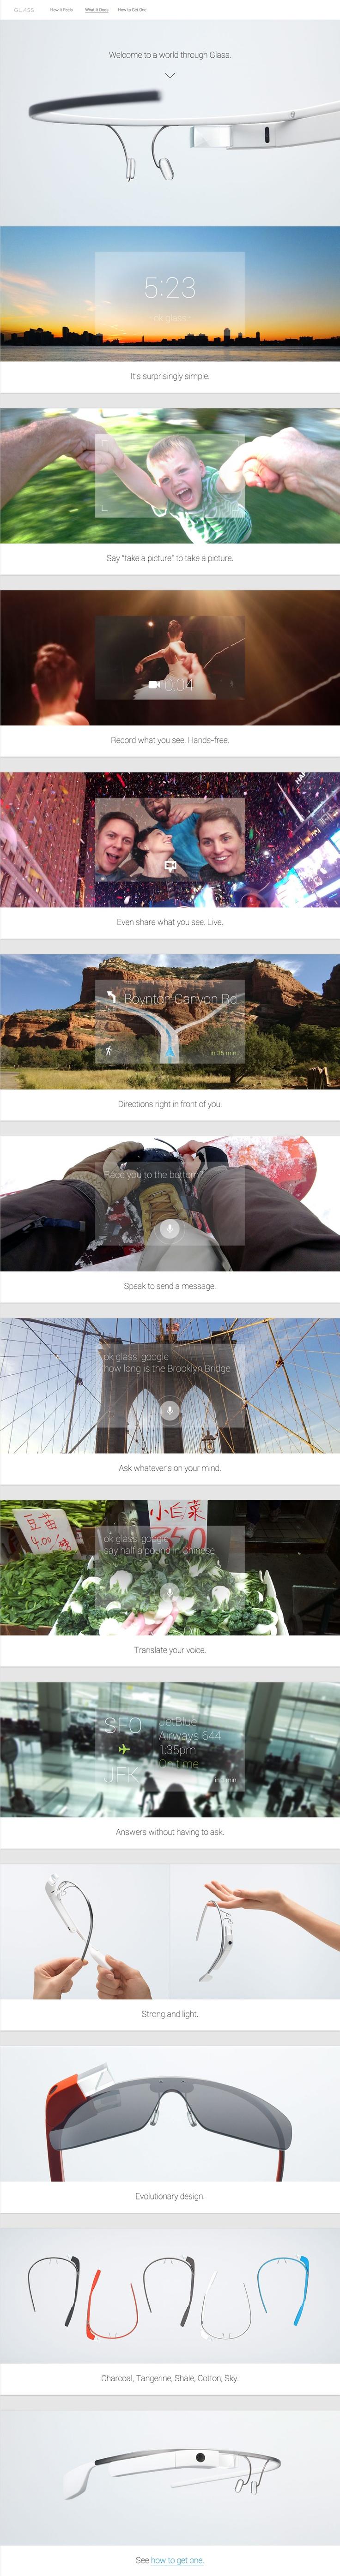 Categoria: 3 / Tags: gadget / Descrição: Primeira apresentação do Google Glass no Google I/O de 2012 (conceito e aplicação)